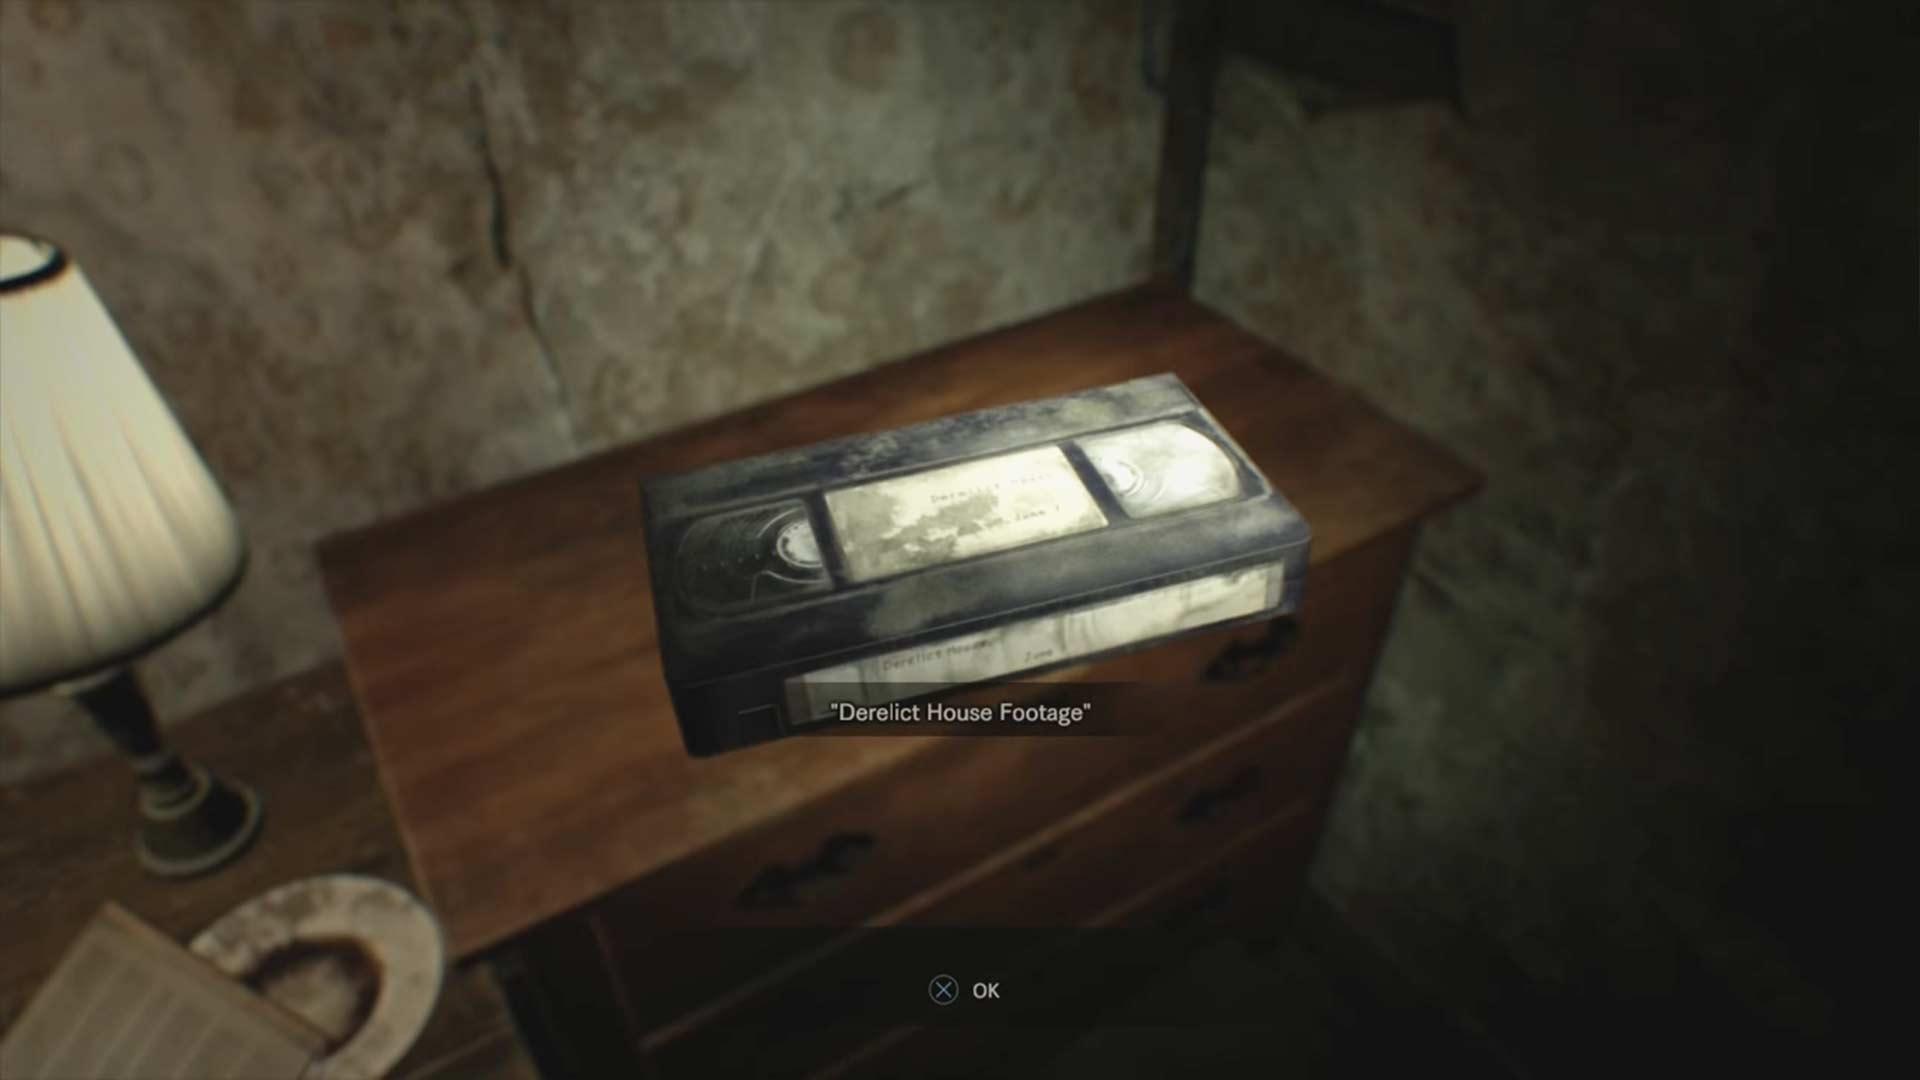 Emplacement de la cassette vidéo 1 - Resident Evil 7